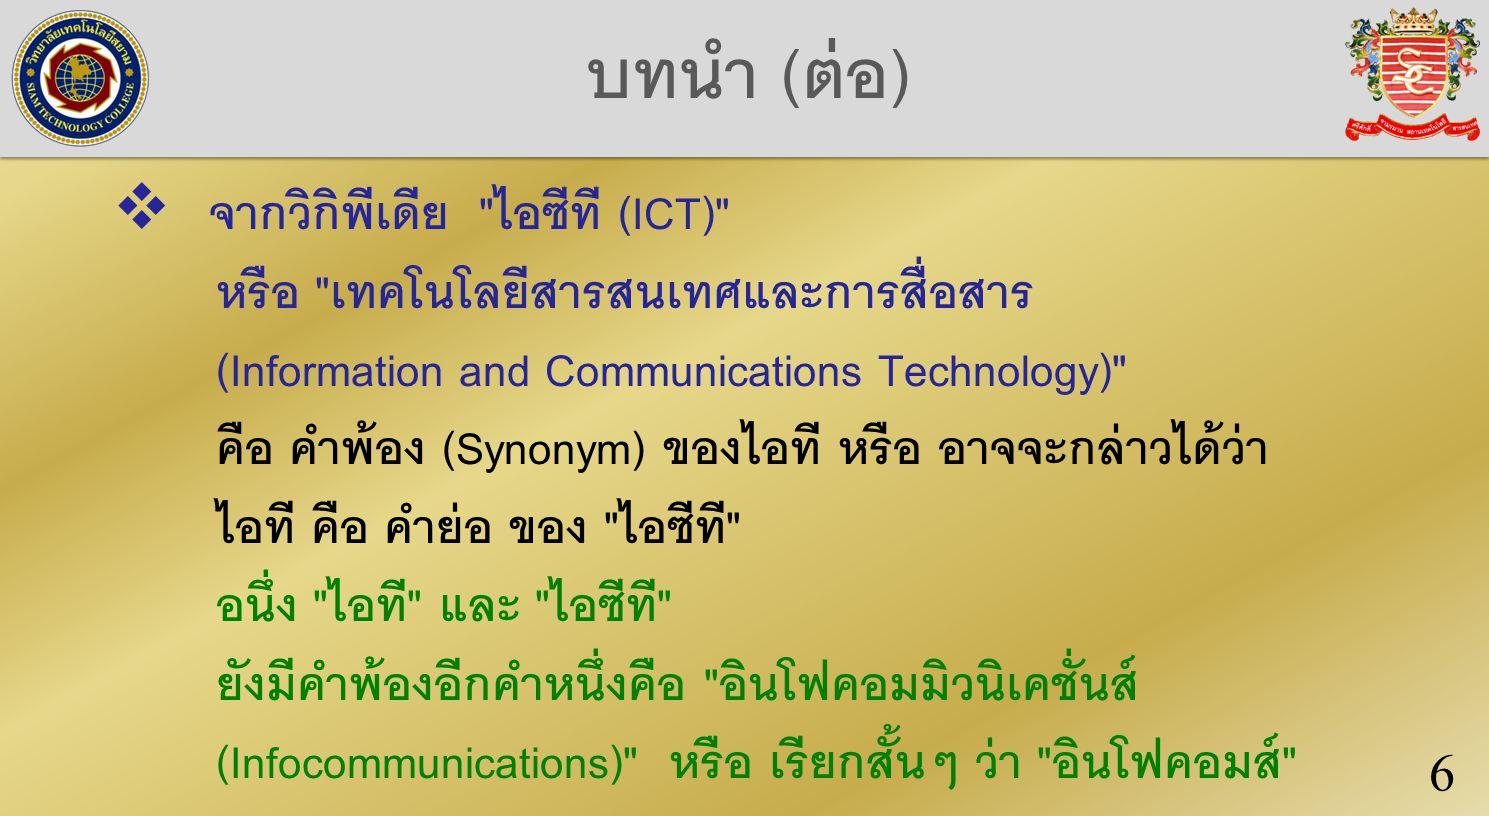 บทนำ (ต่อ)  จากวิกิพีเดีย ไอซีที (ICT) หรือ เทคโนโลยีสารสนเทศและการสื่อสาร (Information and Communications Technology) คือ คำพ้อง (Synonym) ของไอที หรือ อาจจะกล่าวได้ว่า ไอที คือ คำย่อ ของ ไอซีที อนึ่ง ไอที และ ไอซีที ยังมีคำพ้องอีกคำหนึ่งคือ อินโฟคอมมิวนิเคชั่นส์ (Infocommunications) หรือ เรียกสั้นๆ ว่า อินโฟคอมส์ 6